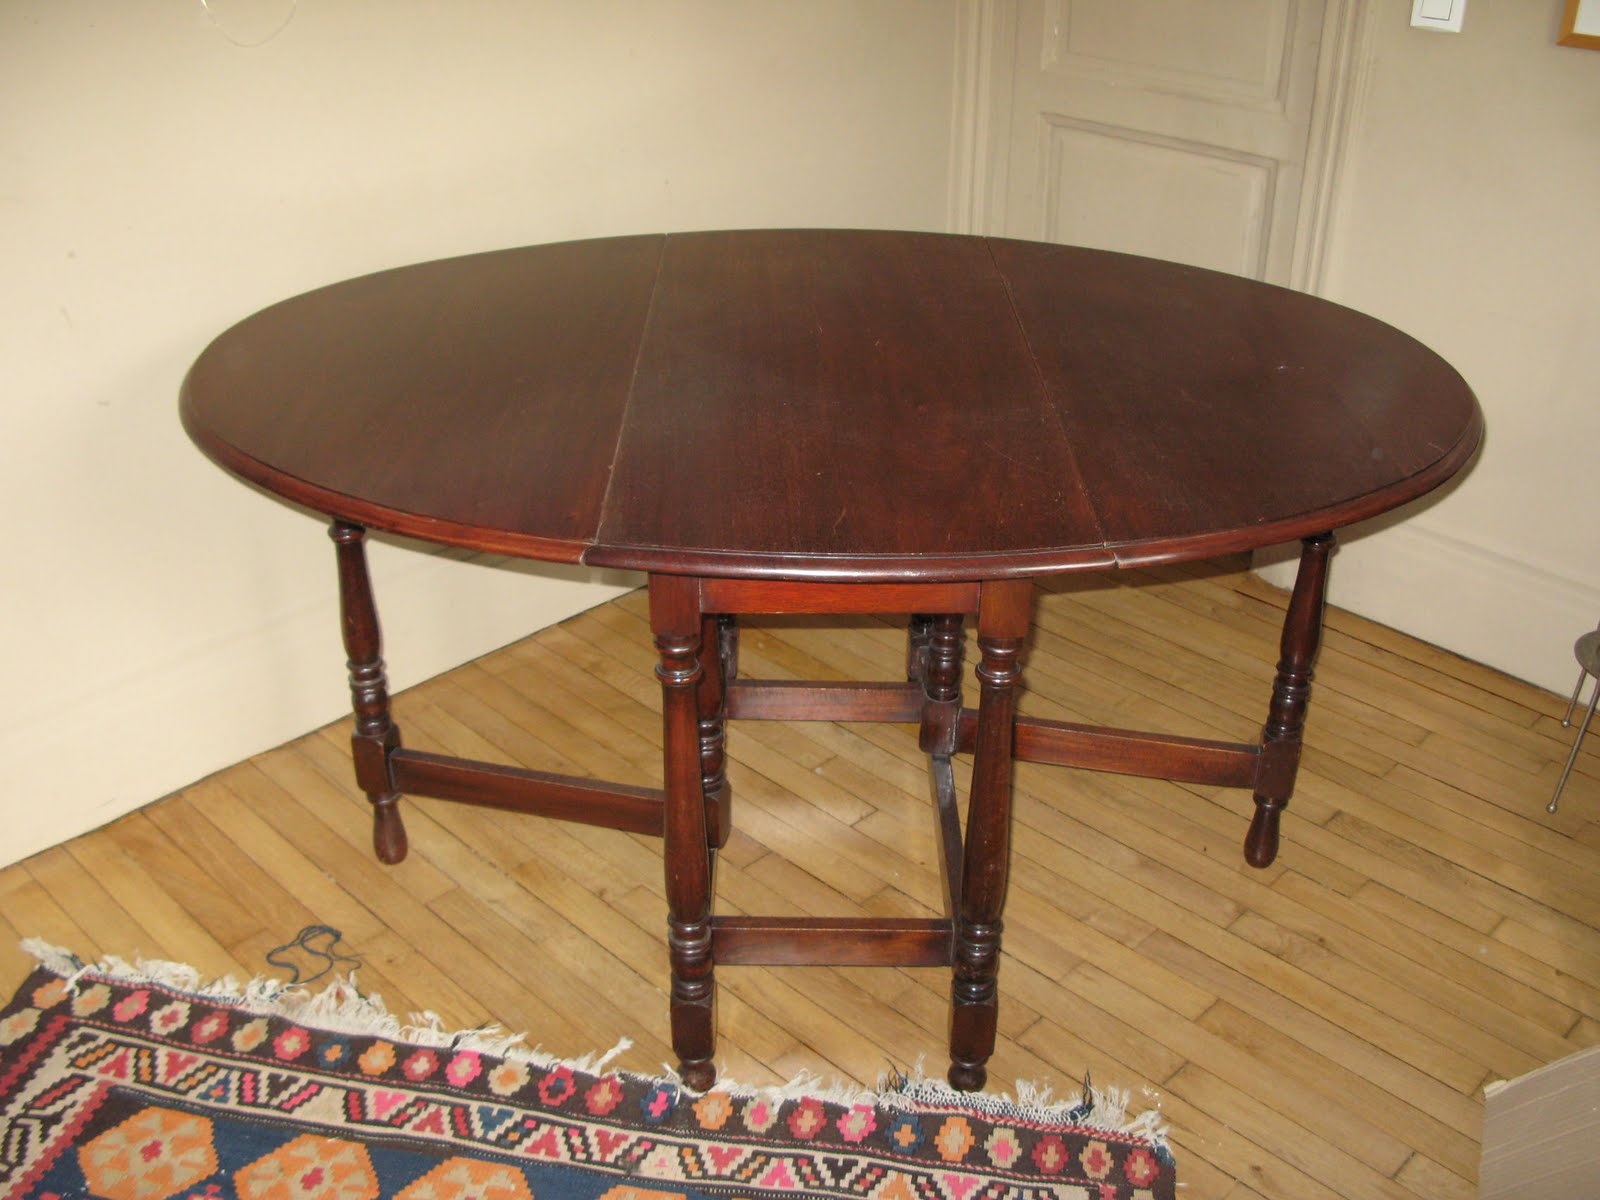 tout un appartement vider mobilier vaisselle d coration bonnes occasions. Black Bedroom Furniture Sets. Home Design Ideas